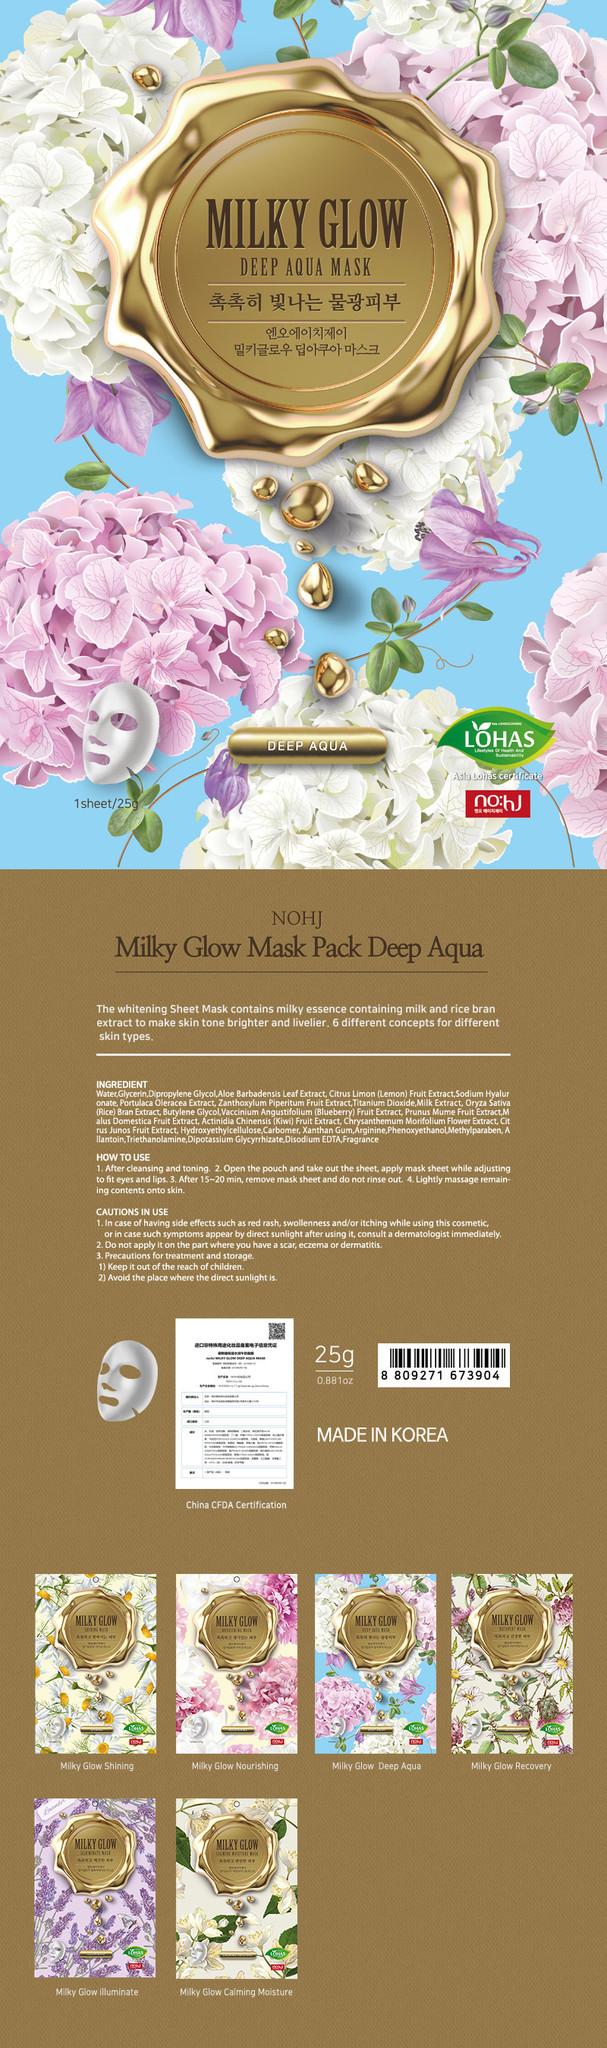 Milky Glow Mask Pack Deep Aqua-2